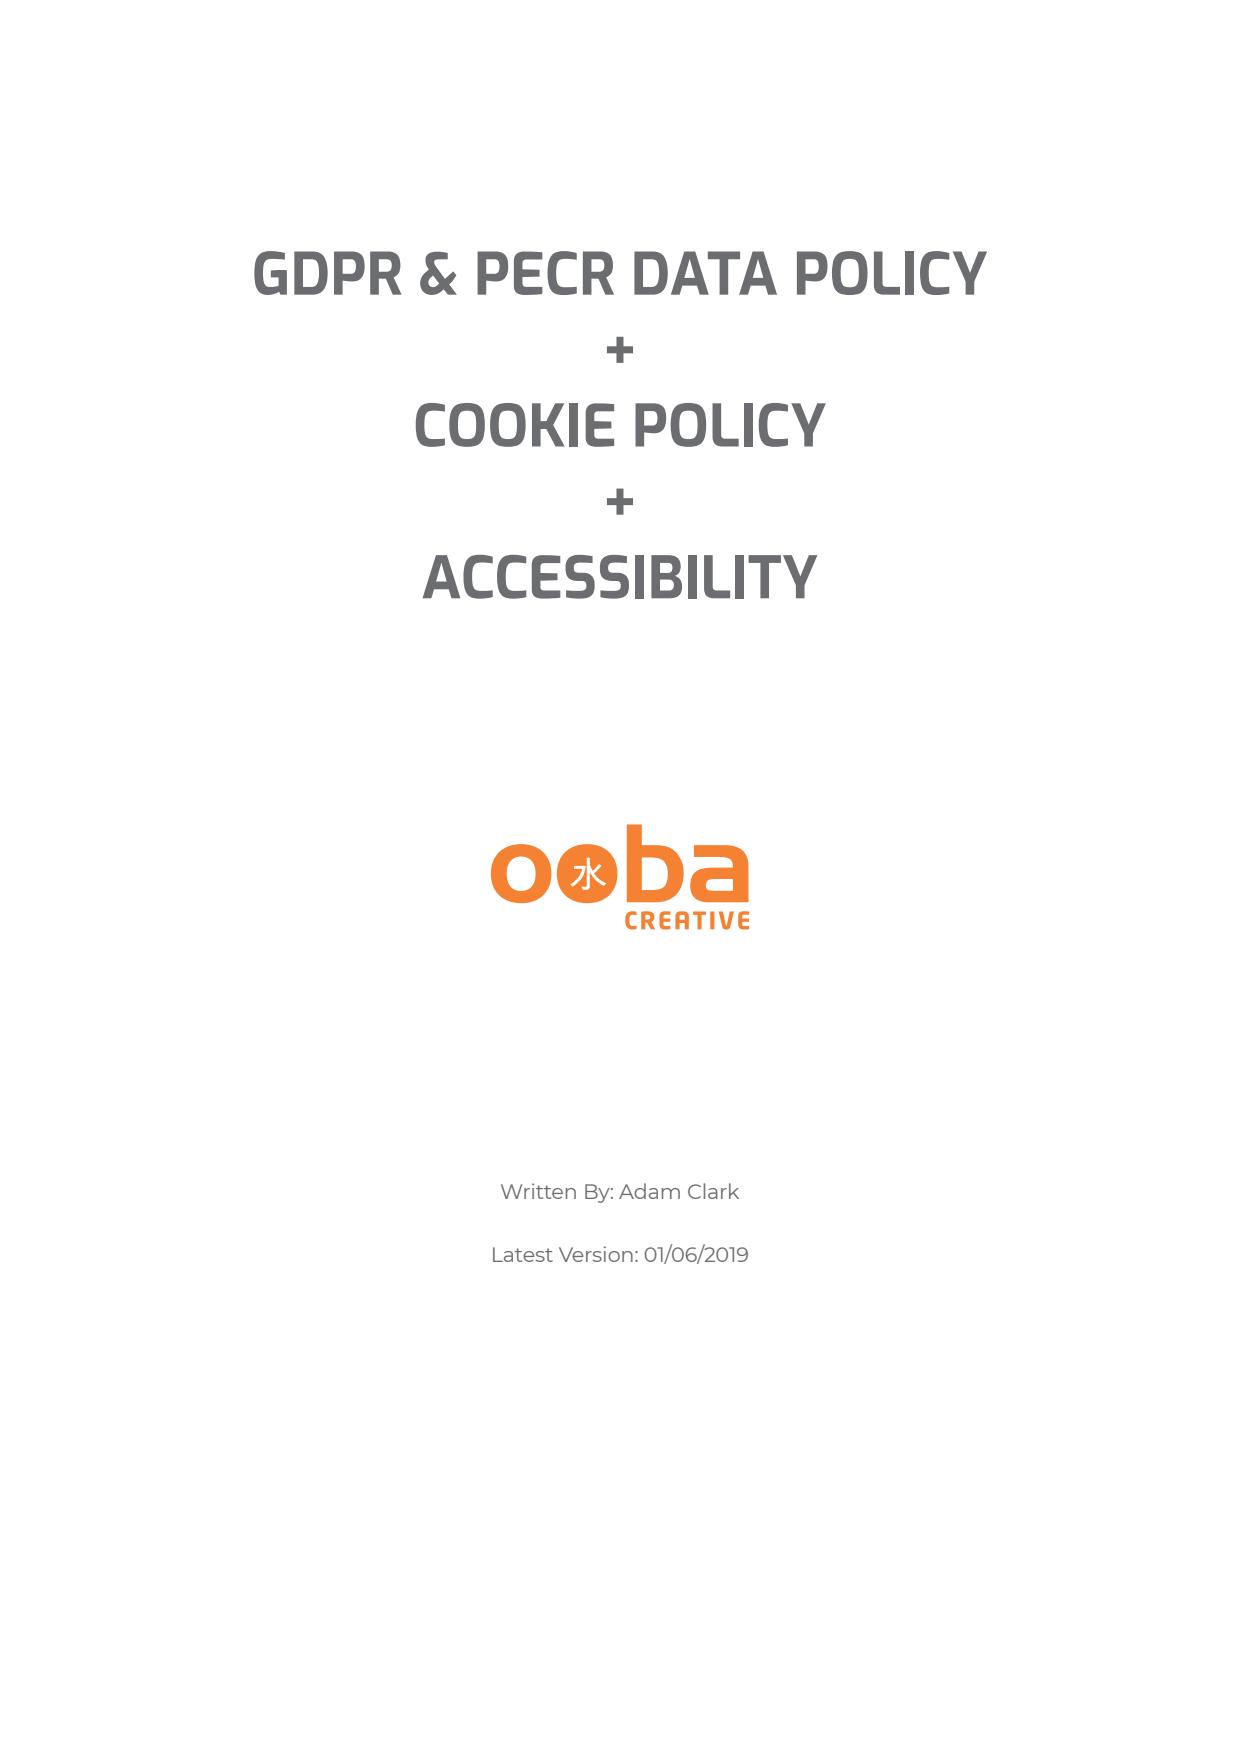 GDPR, Data & Cookies